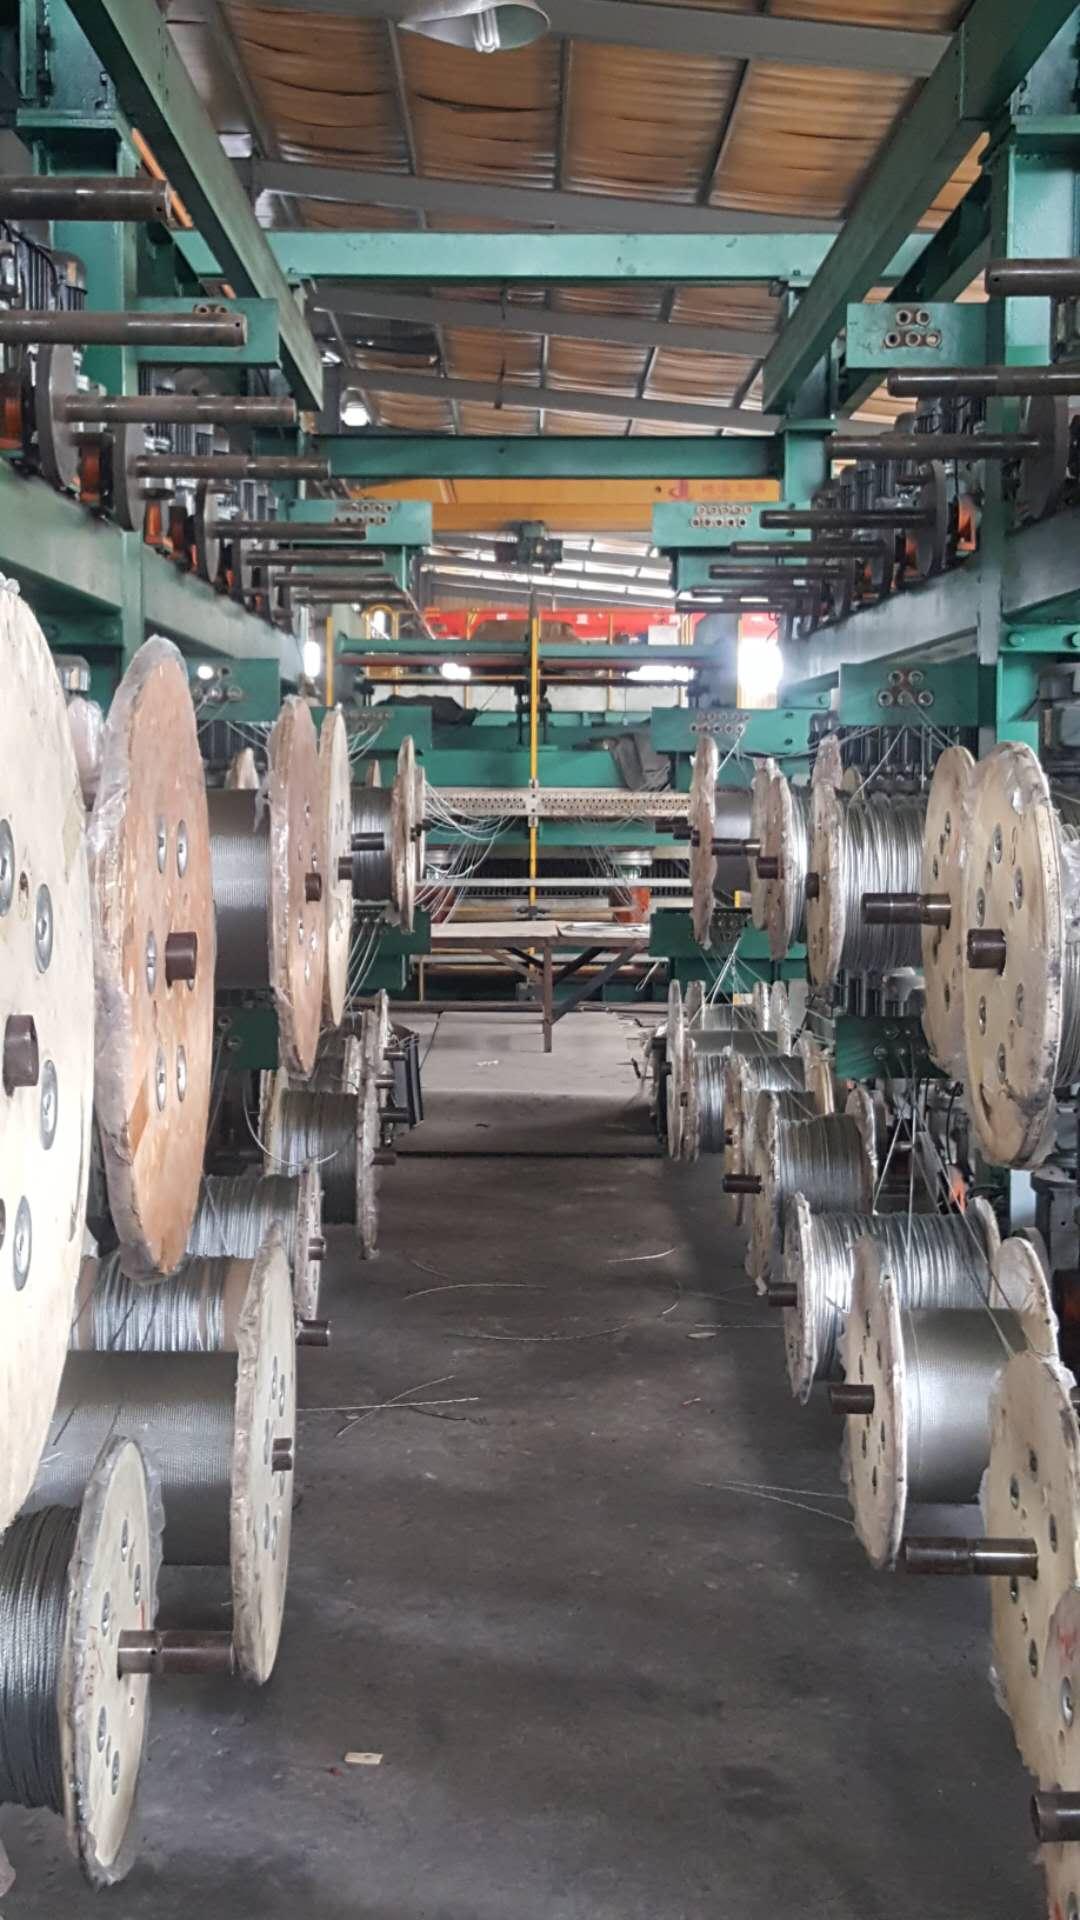 斗提机传送带_青岛宏基橡胶优良钢丝绳输送带供应